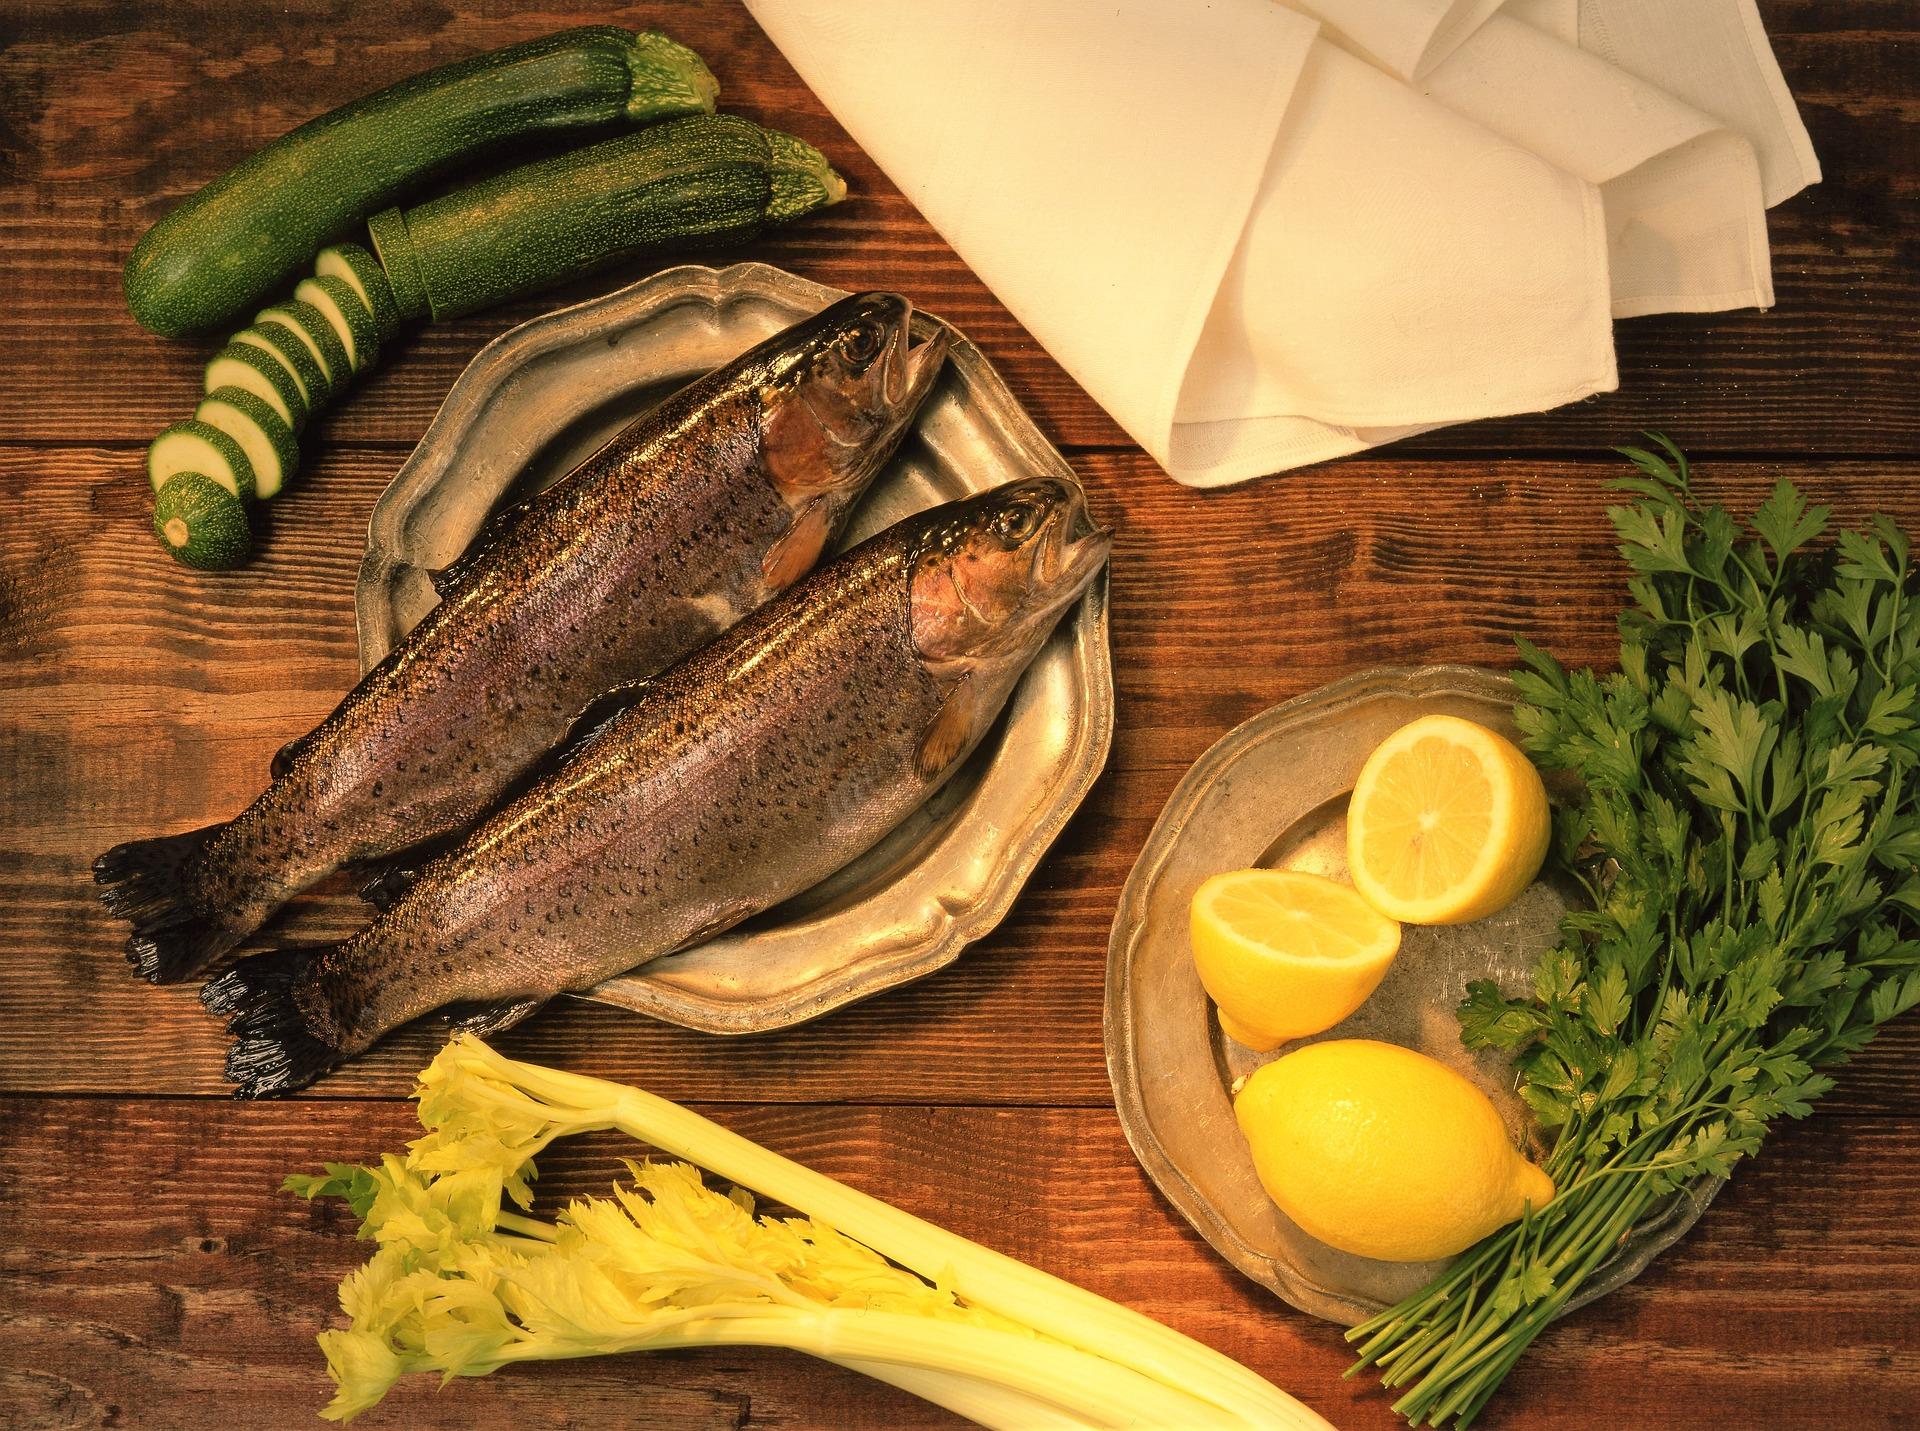 Forellen essen im Gasthaus Johanning